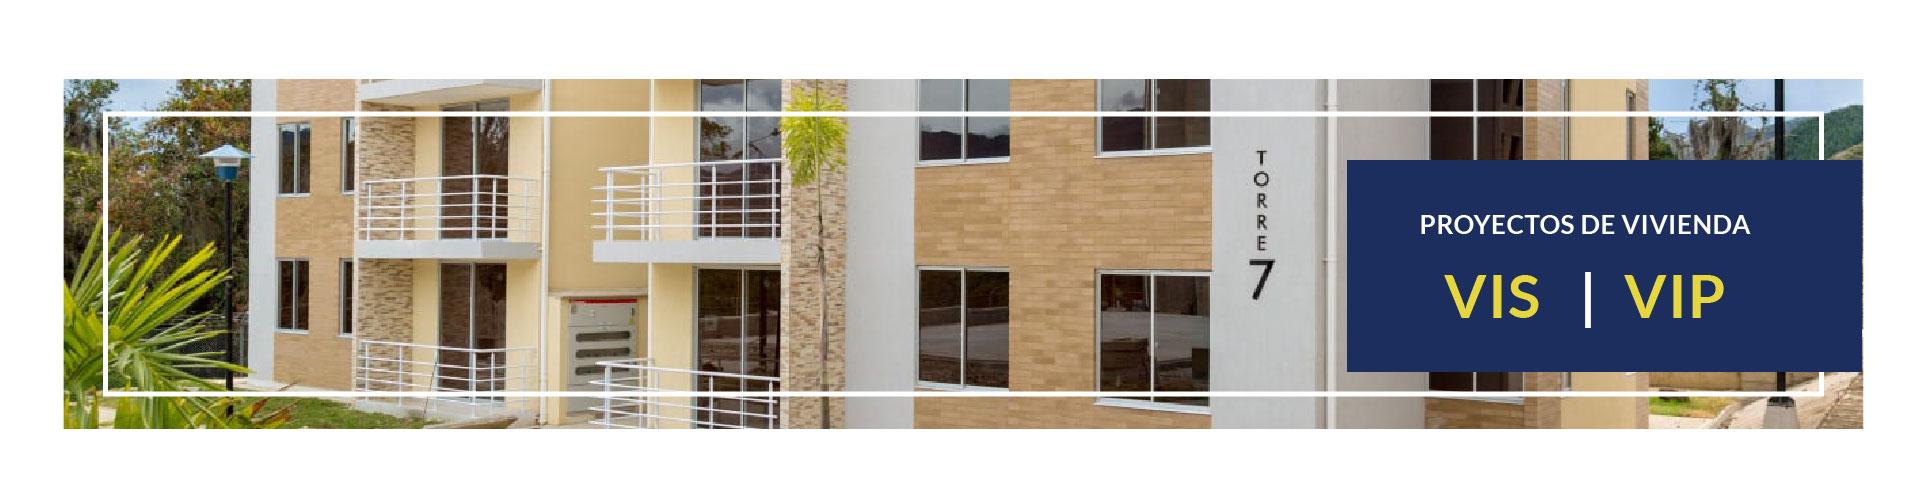 Construcciones ulloa proyectos de vivienda vip y vis